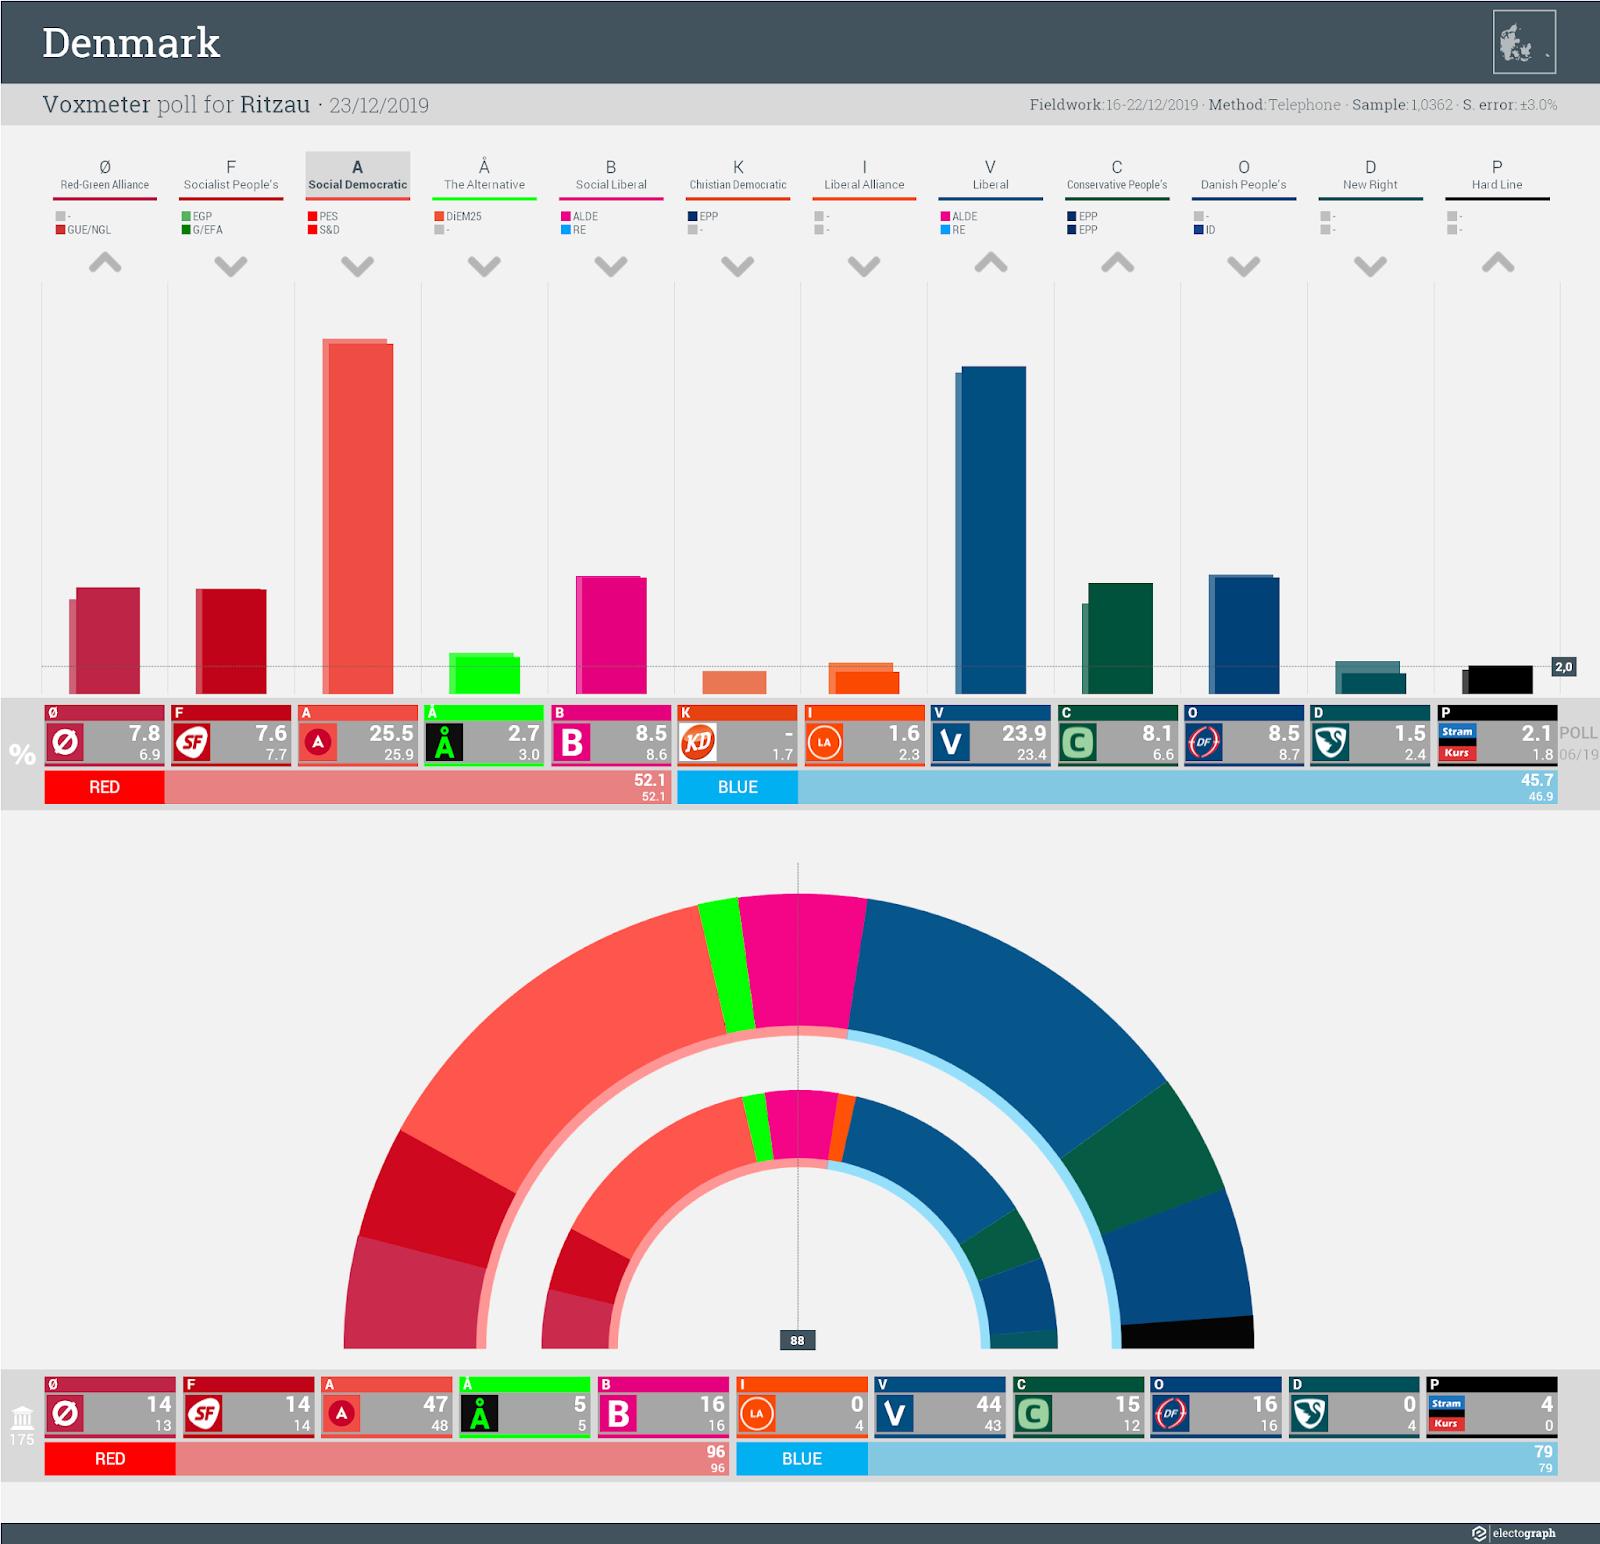 DENMARK: Voxmeter poll chart for Ritzau, 23 December 2019